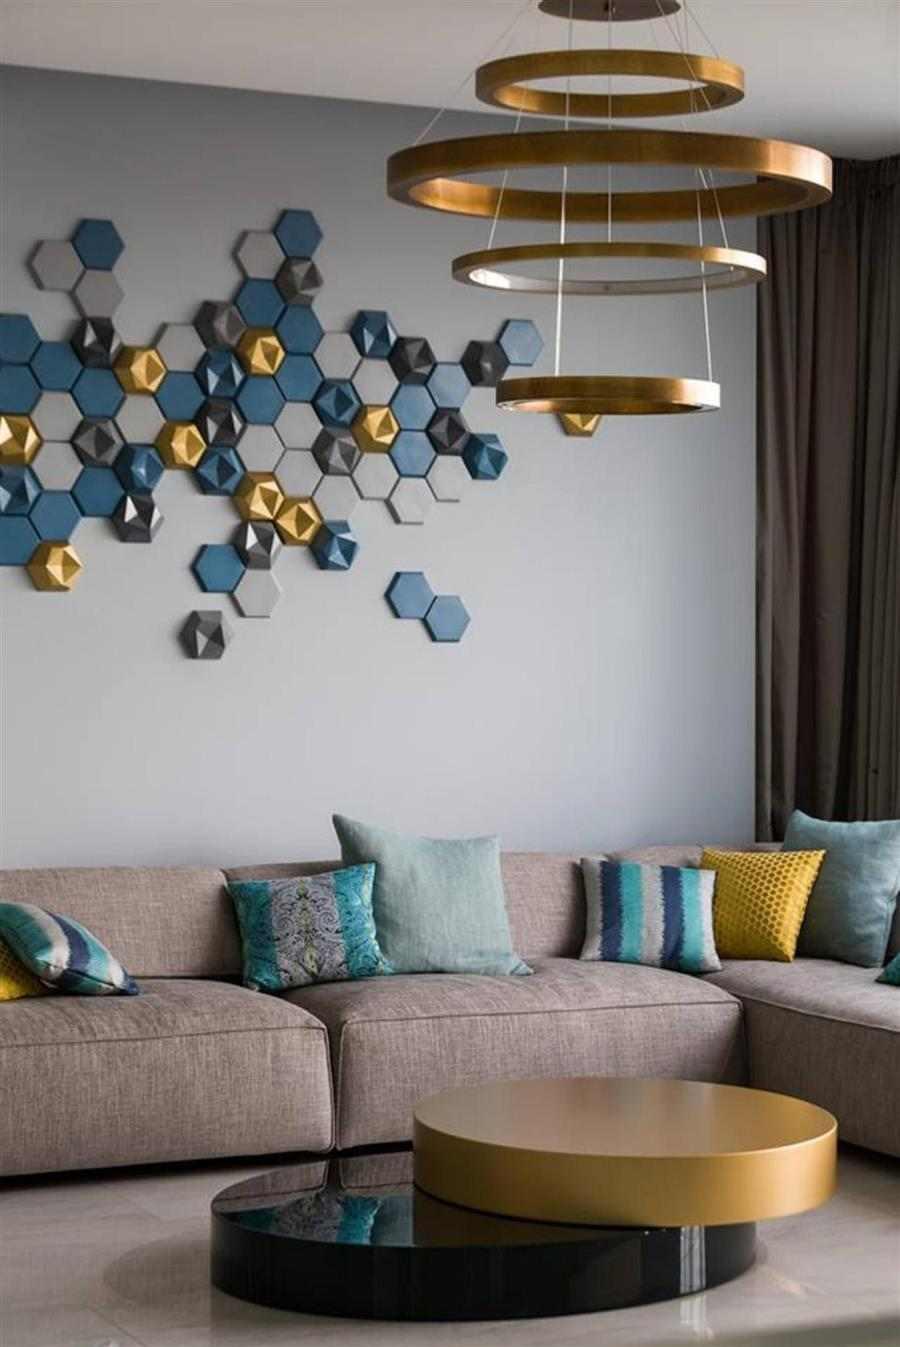 parede do sofá decorada